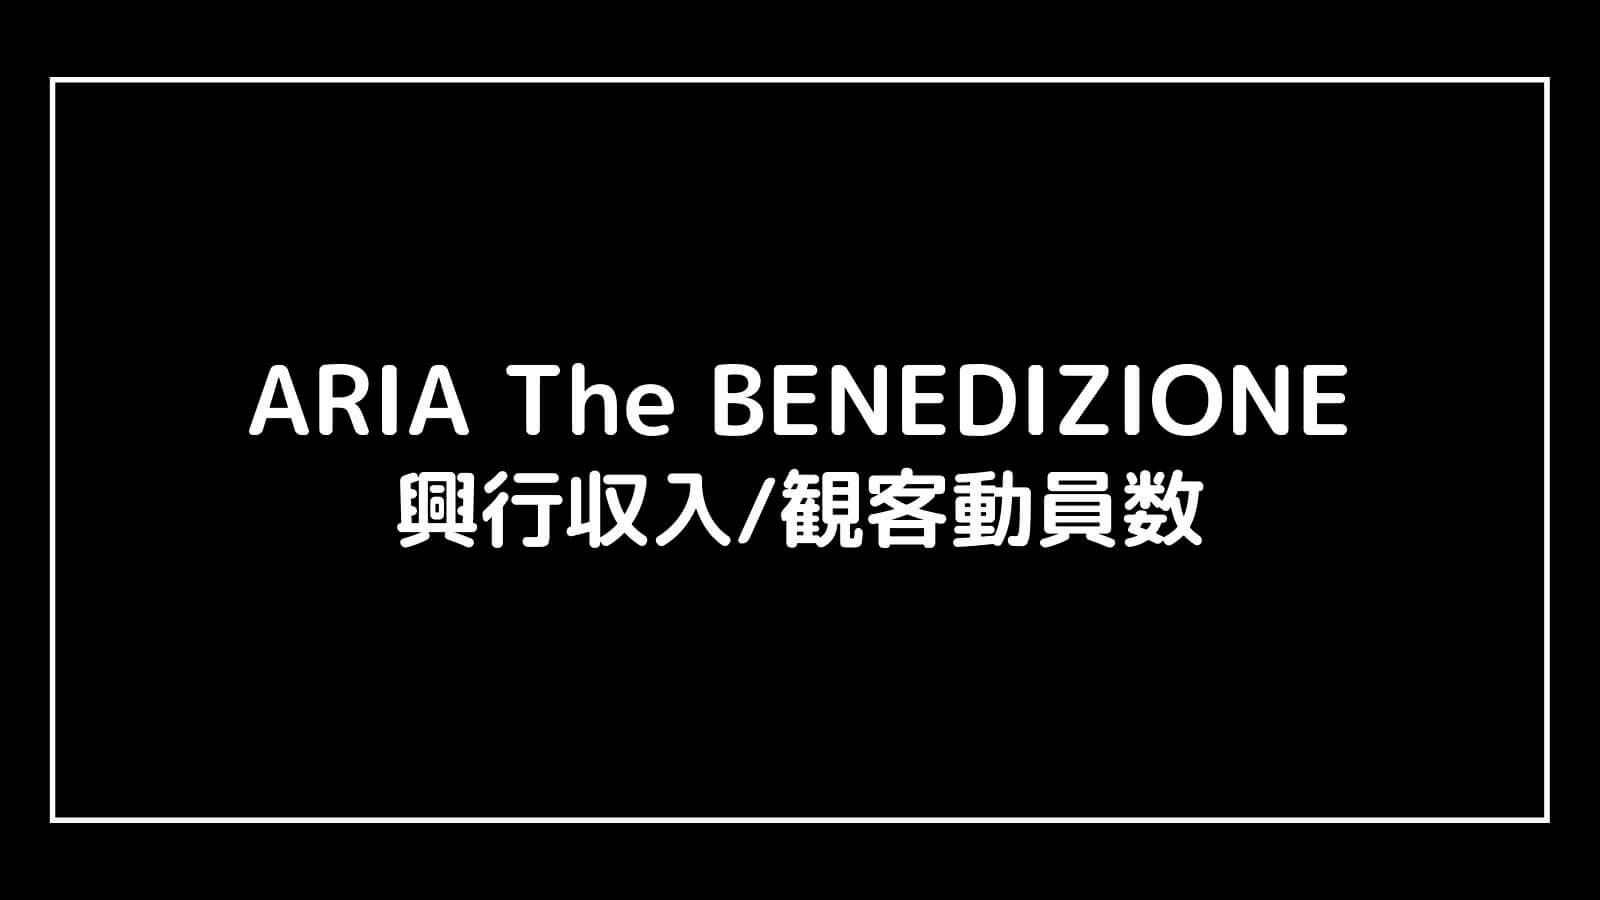 映画『ARIA The BENEDIZIONE』興行収入推移と最終興収を元映画館社員が予想